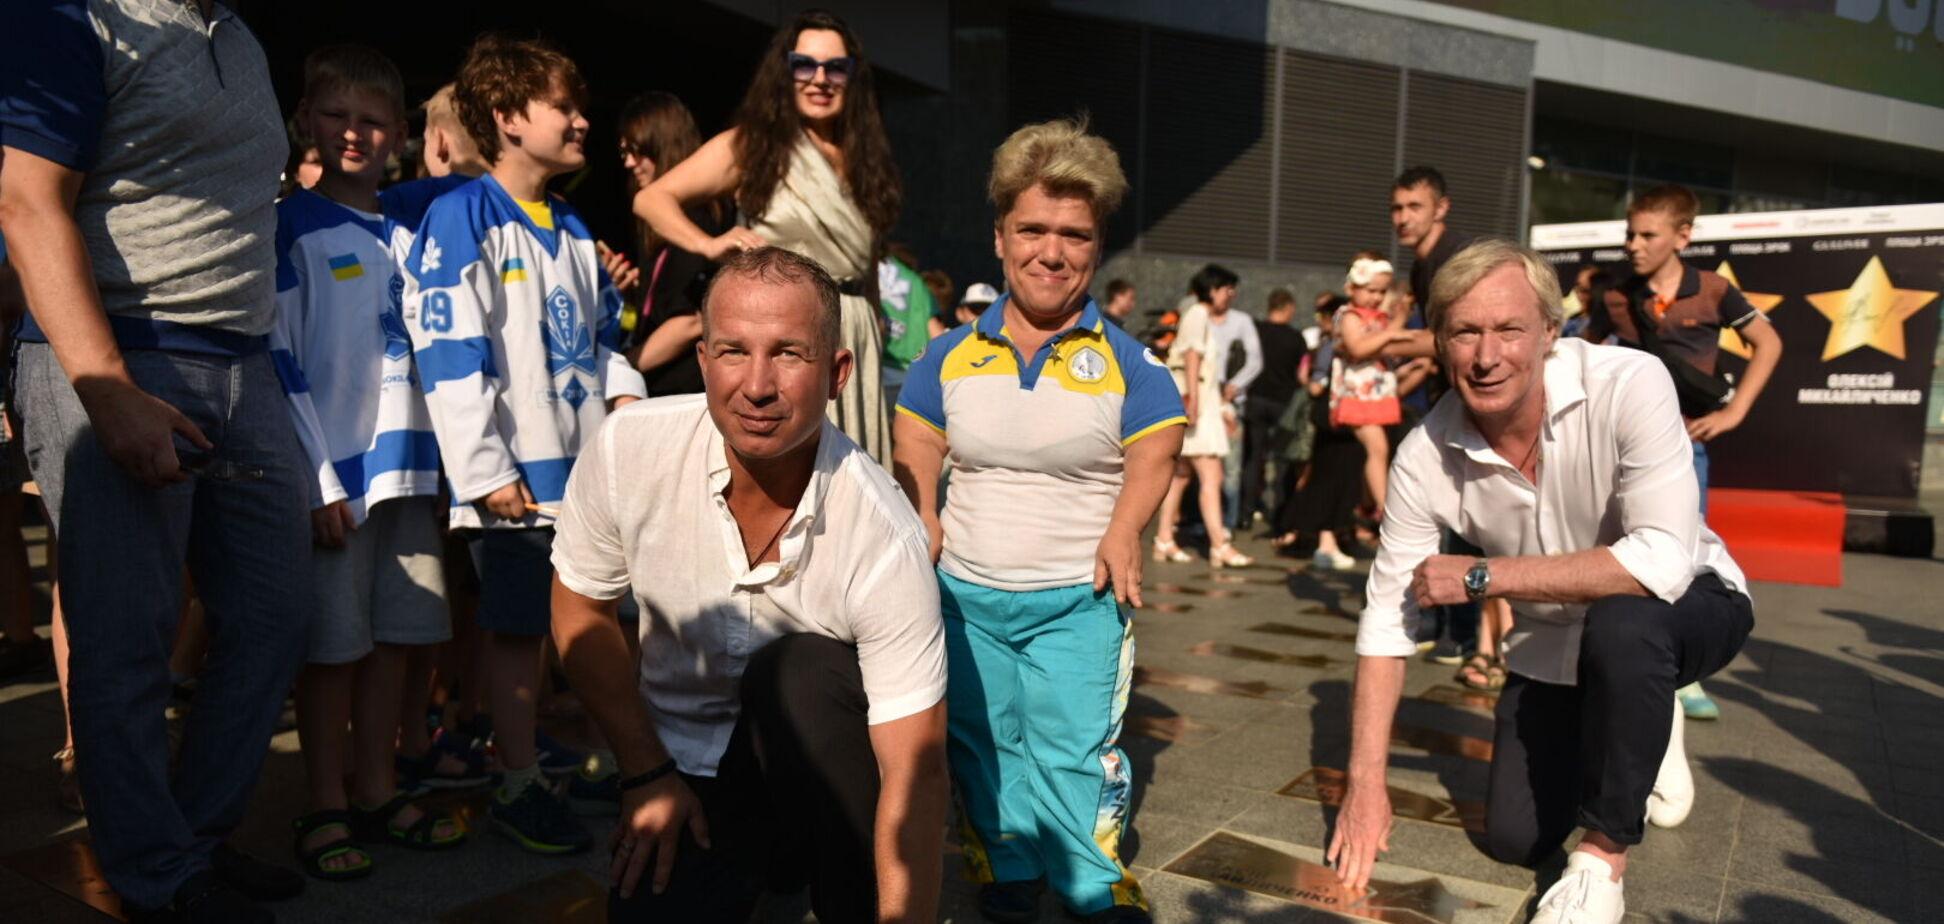 На 'Площади звезд' в Киеве почтили трех знаменитых спортсменов